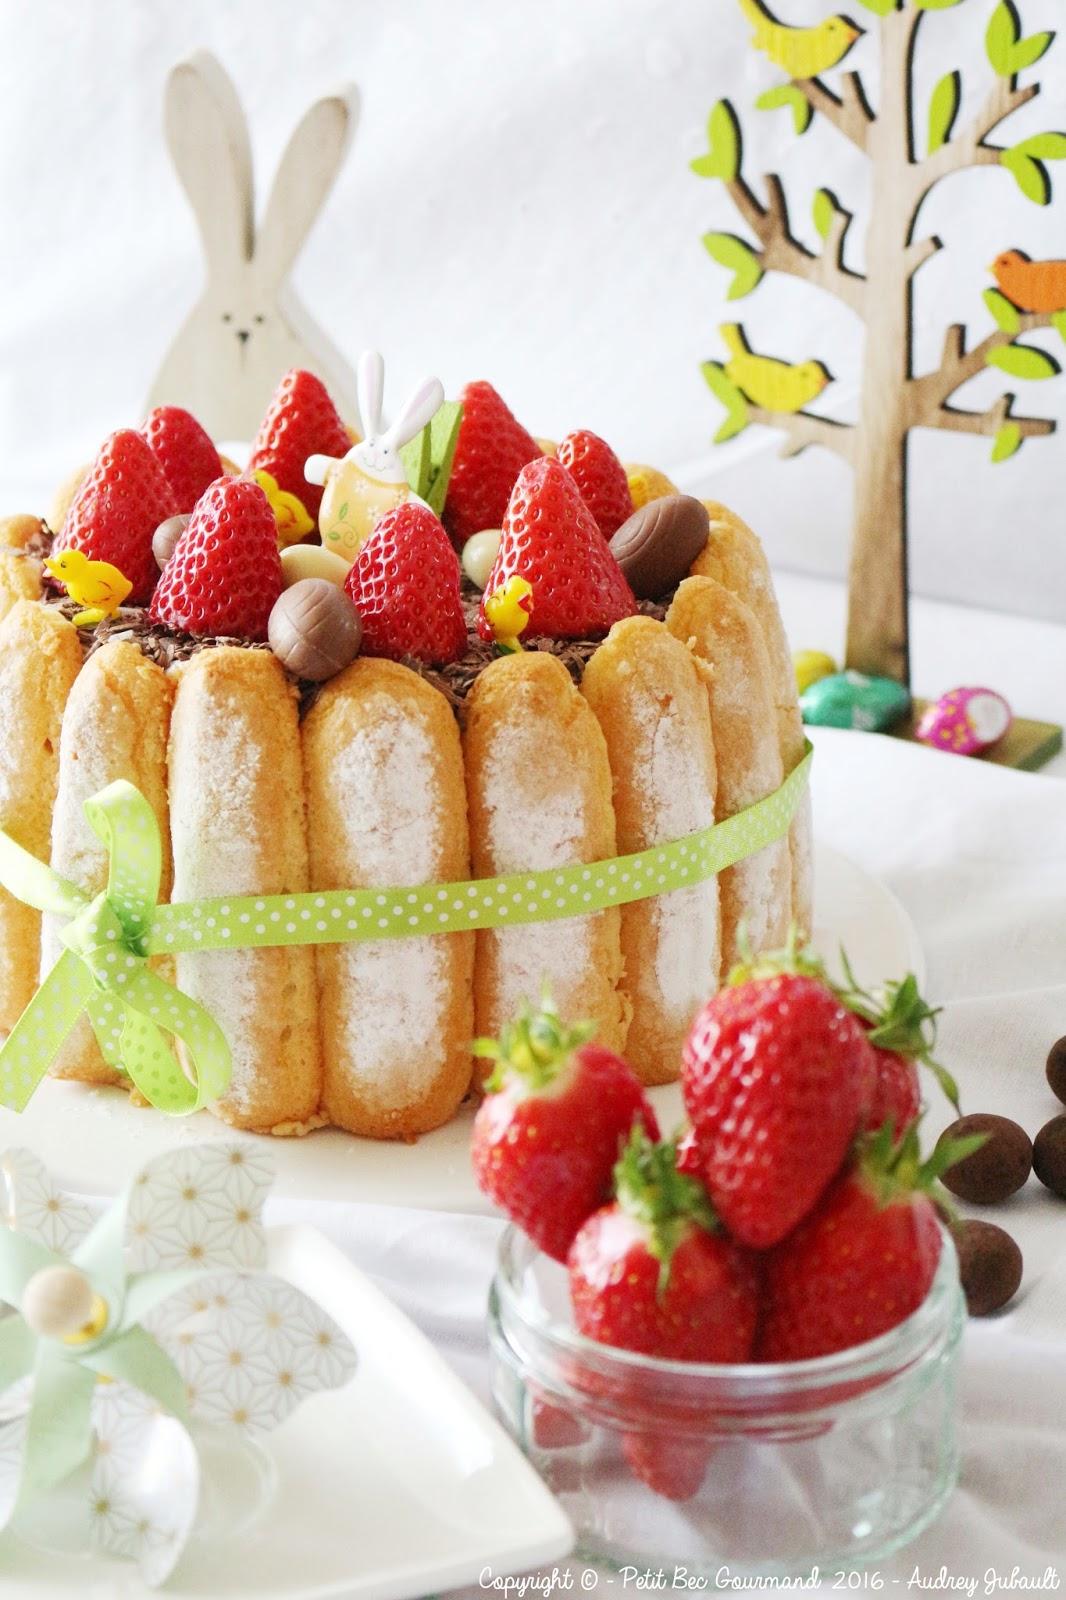 printani 232 re aux fraises et chocolat blanc amandes petit bec gourmand